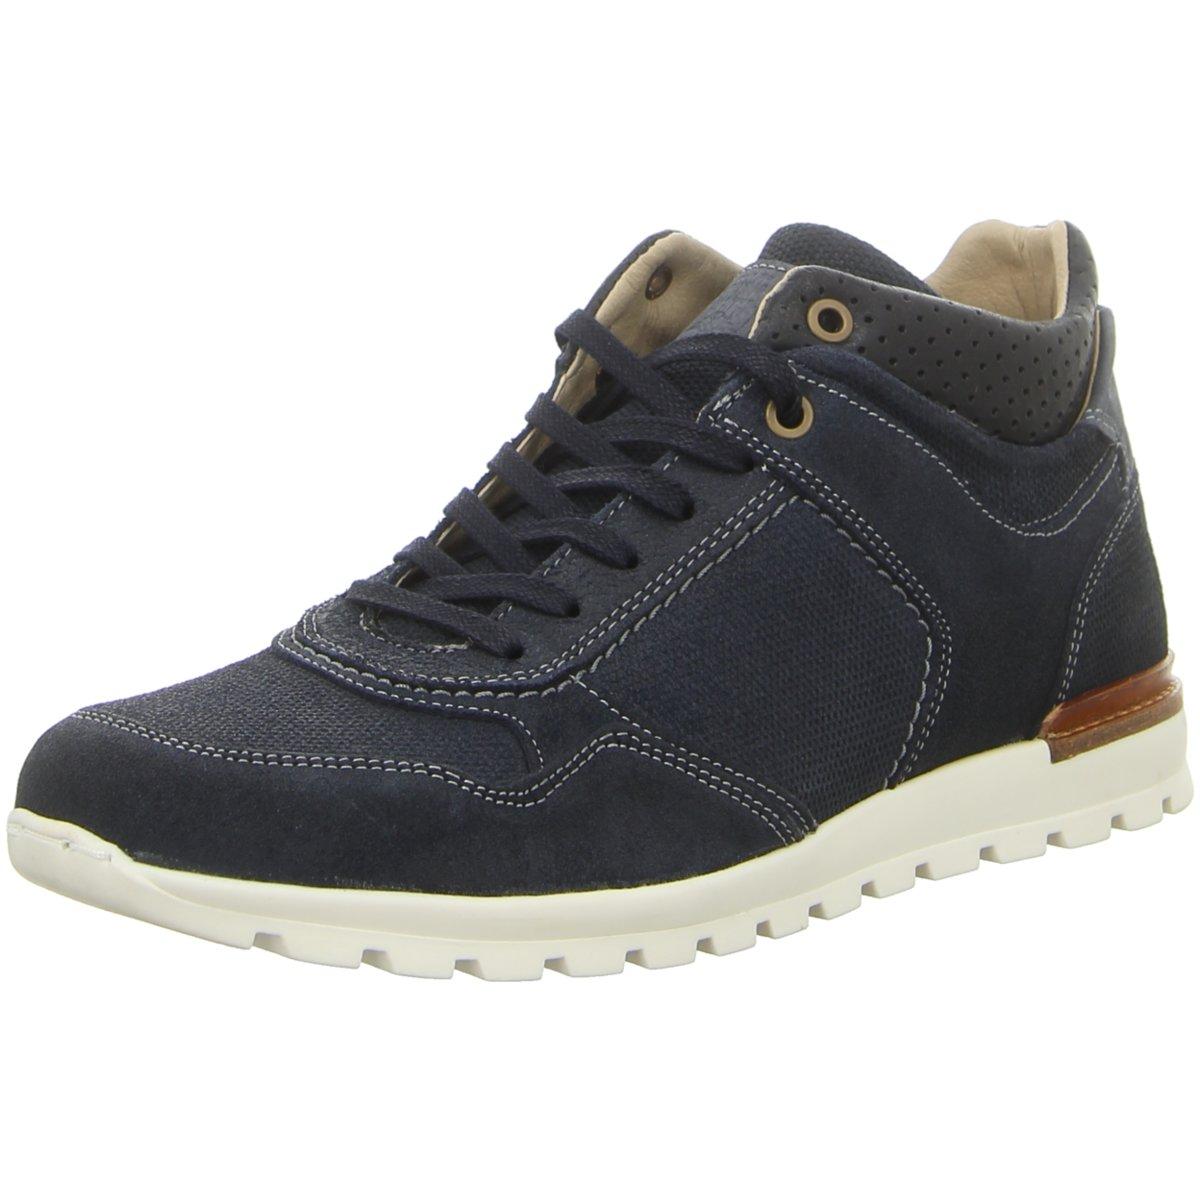 NEU Bullboxer Herren Sneaker 300K56306ACABL blau 465531